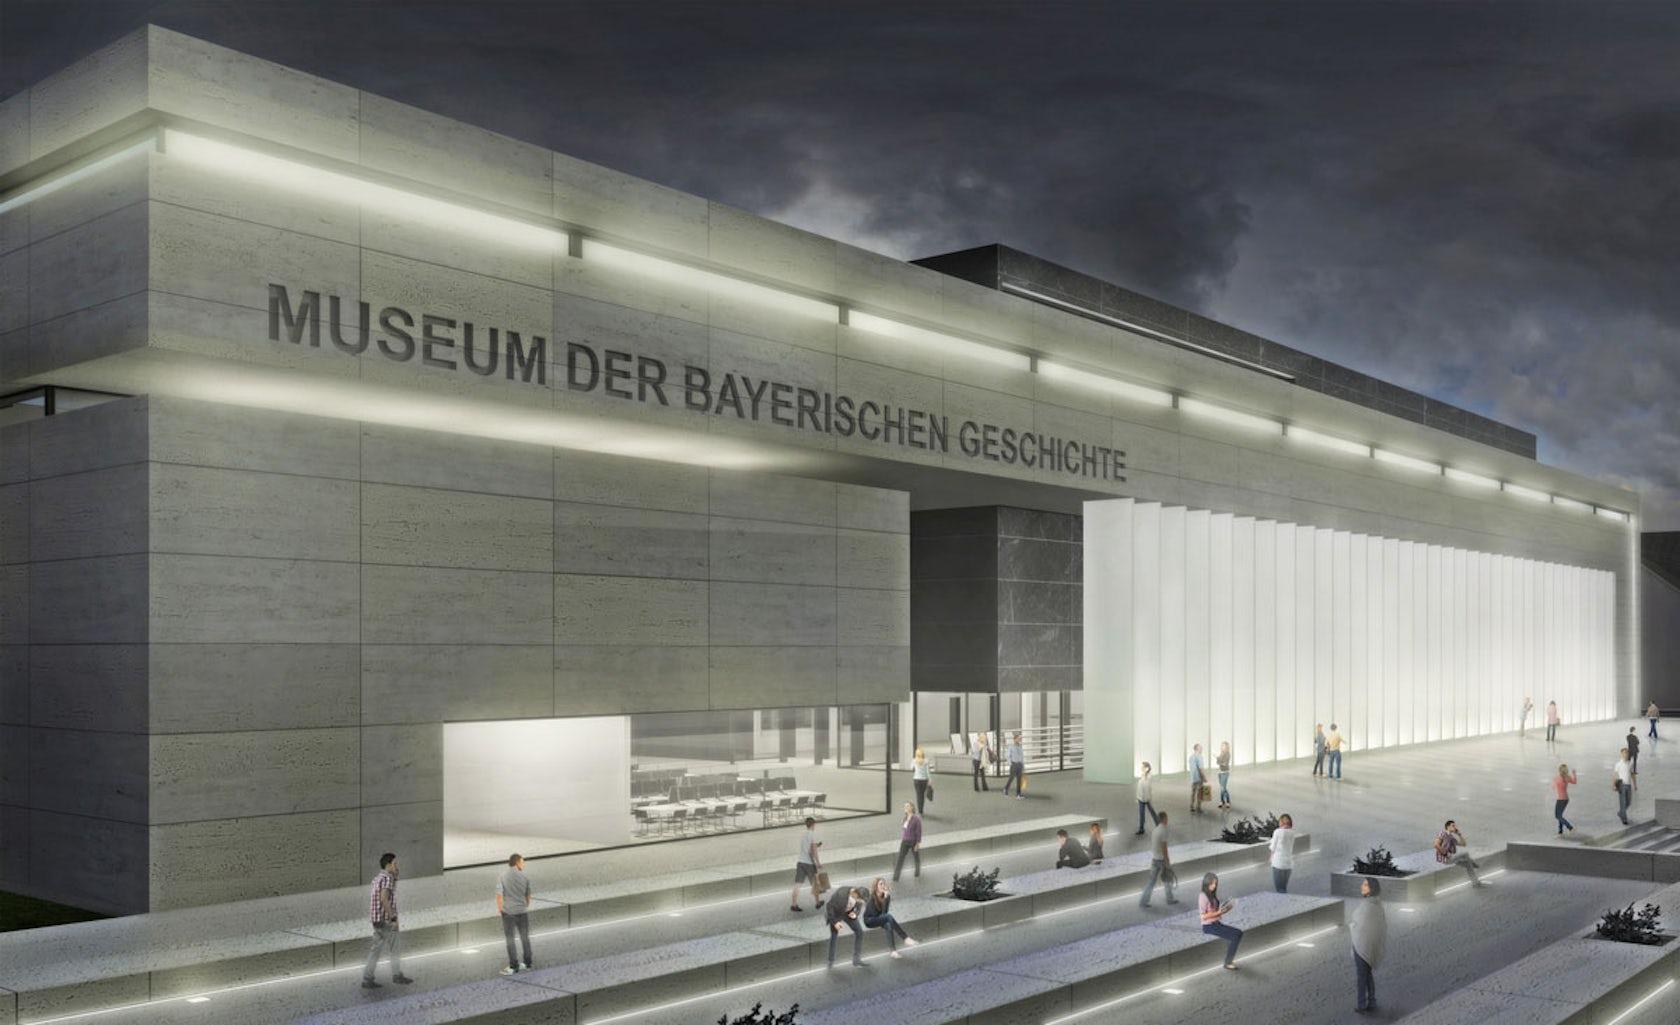 museum der bayerischen geschichte museum of bavarian. Black Bedroom Furniture Sets. Home Design Ideas